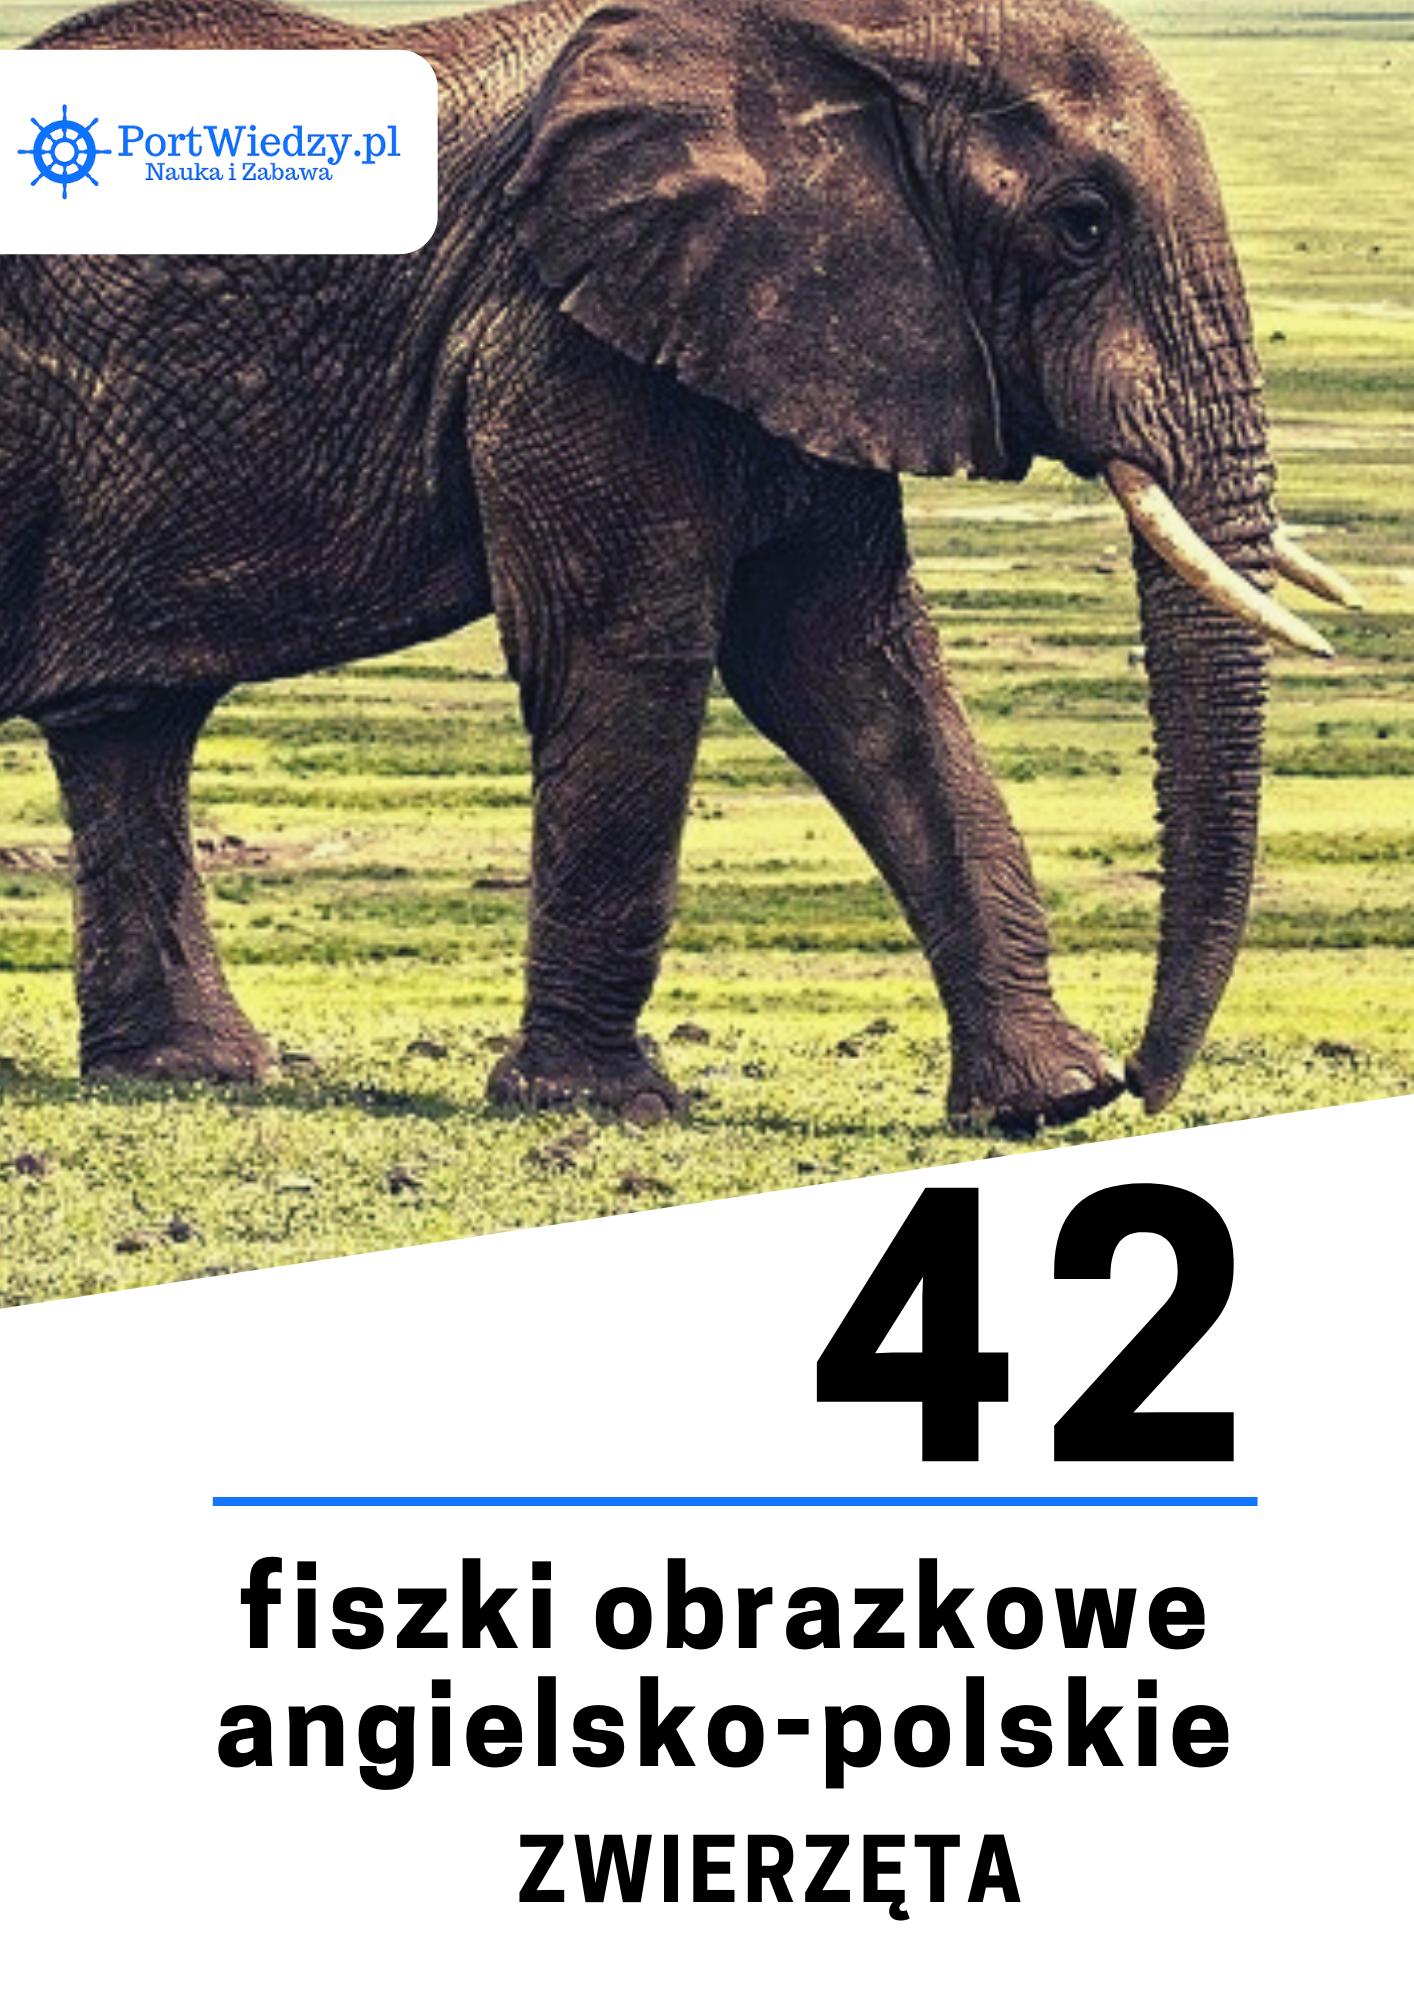 fiszki obrazkowe - fiszki_obrazkowe